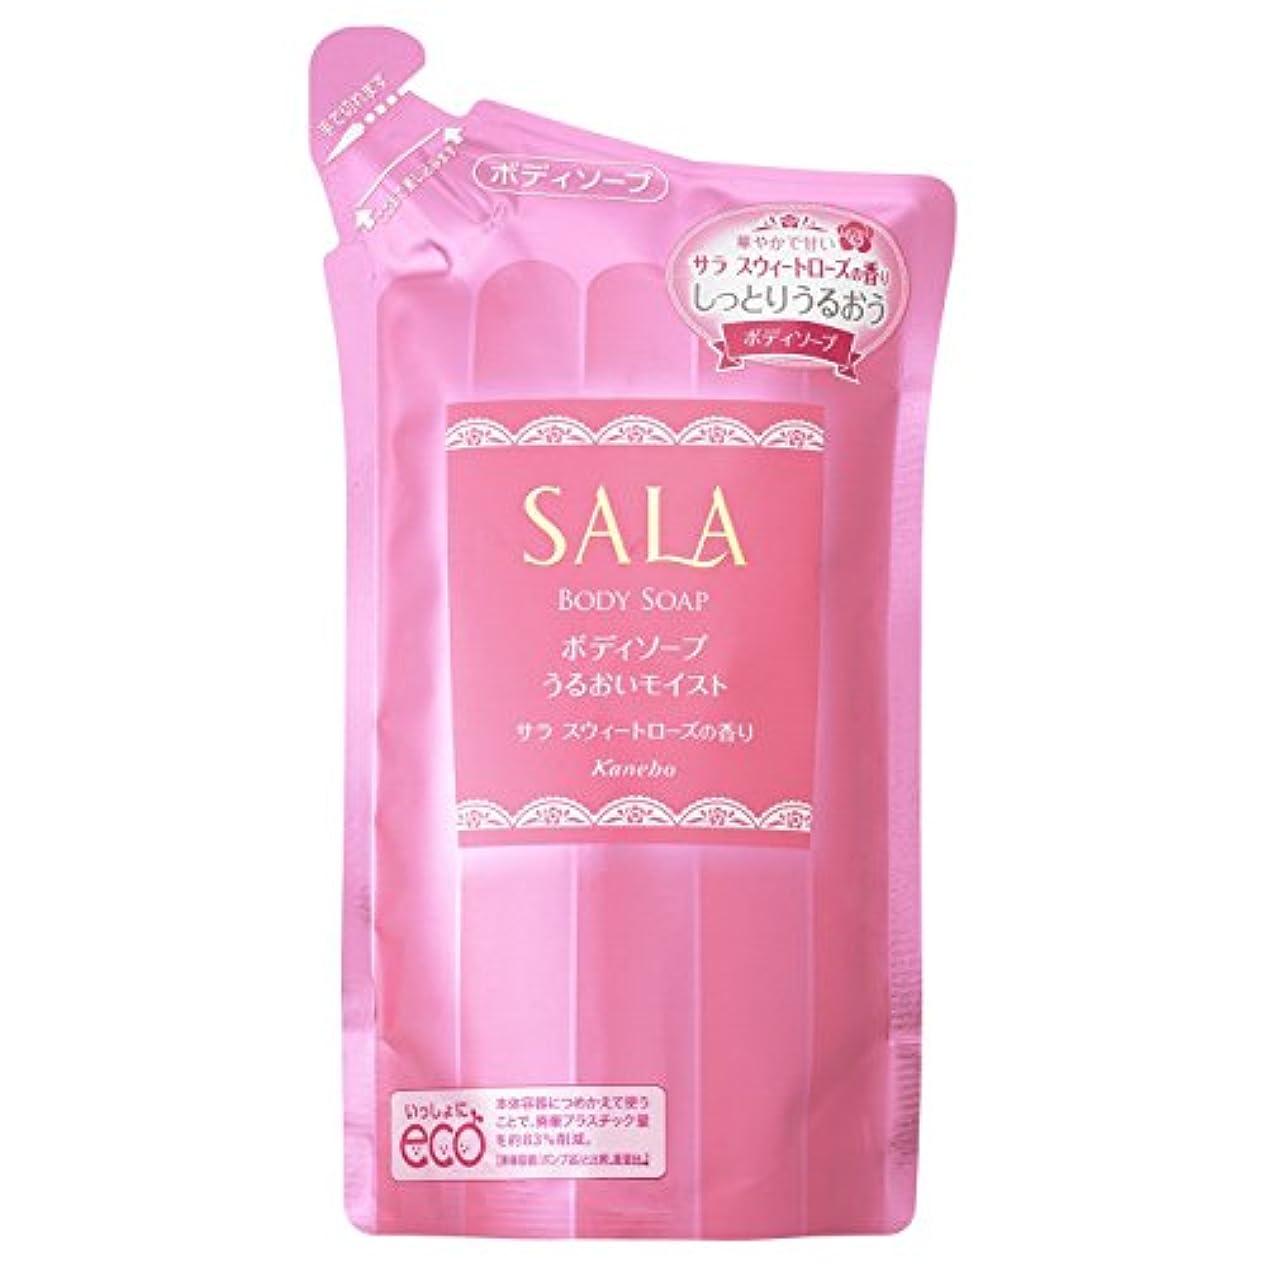 あいさつ教育学通訳サラ ボディソープ うるおいモイスト つめかえ用 サラスウィートローズの香り